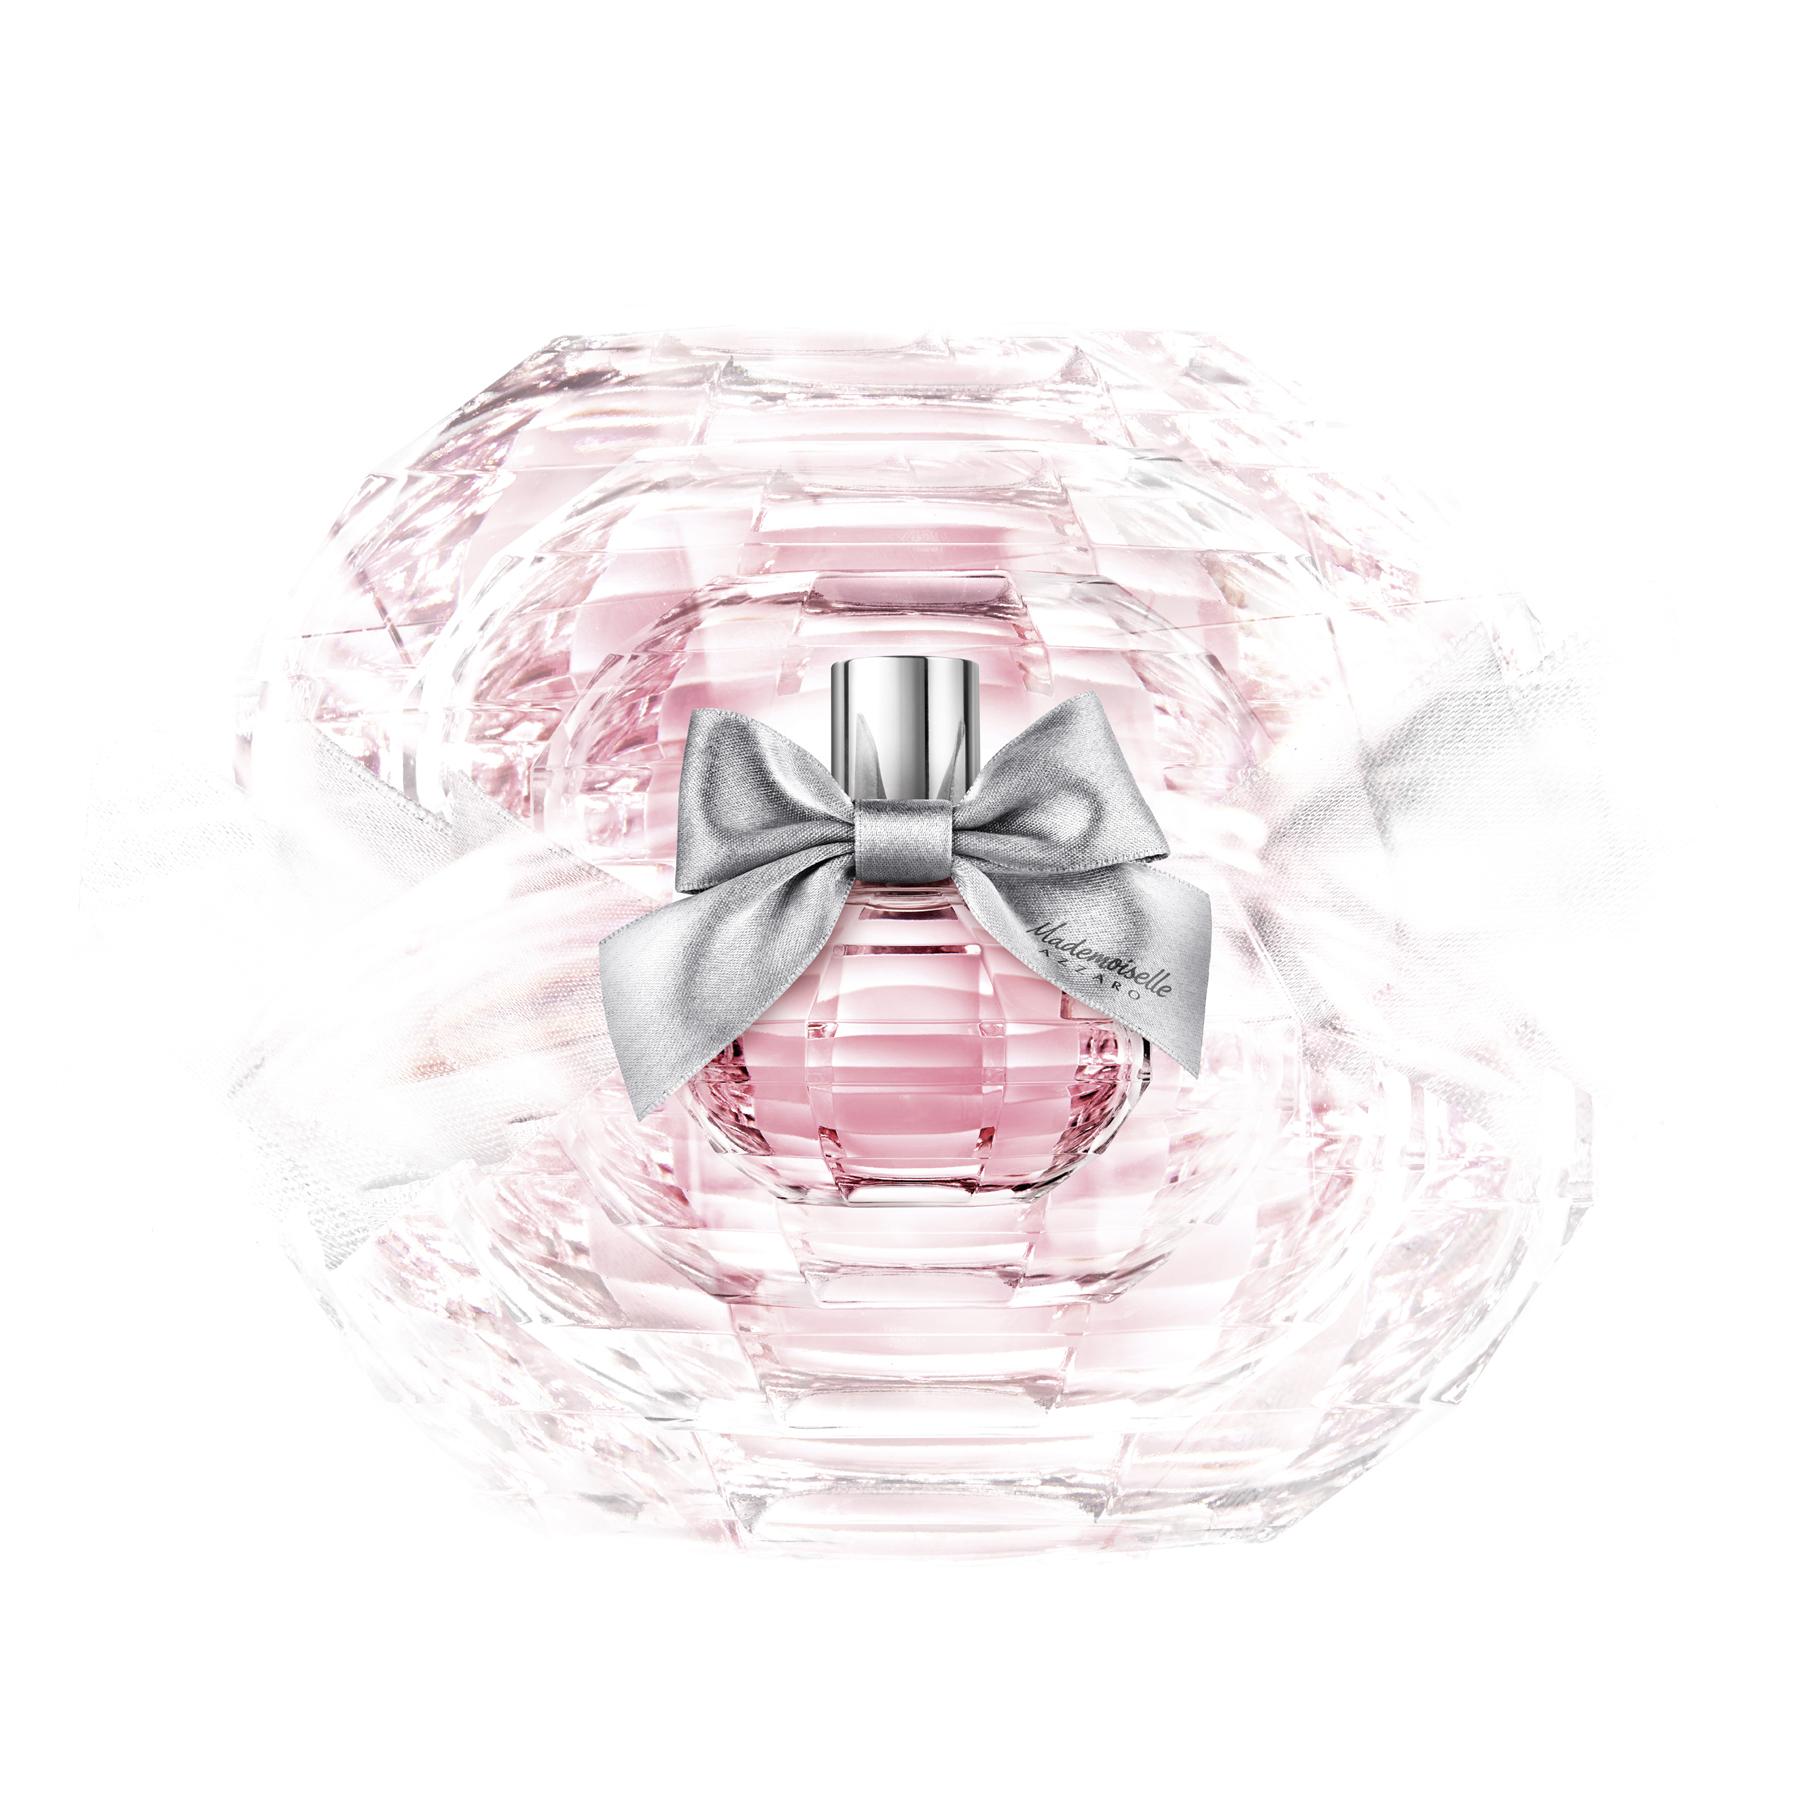 多面切割的漂亮玻璃,是一顆精緻的寶石瓶身,小姐們戴上了玫瑰色眼鏡,空氣瞬間轉為清新歡快和別緻的,而銀色的緞面蝴蝶結帶來AZZARO精品的時裝代碼,是今年春夏的必備單品!